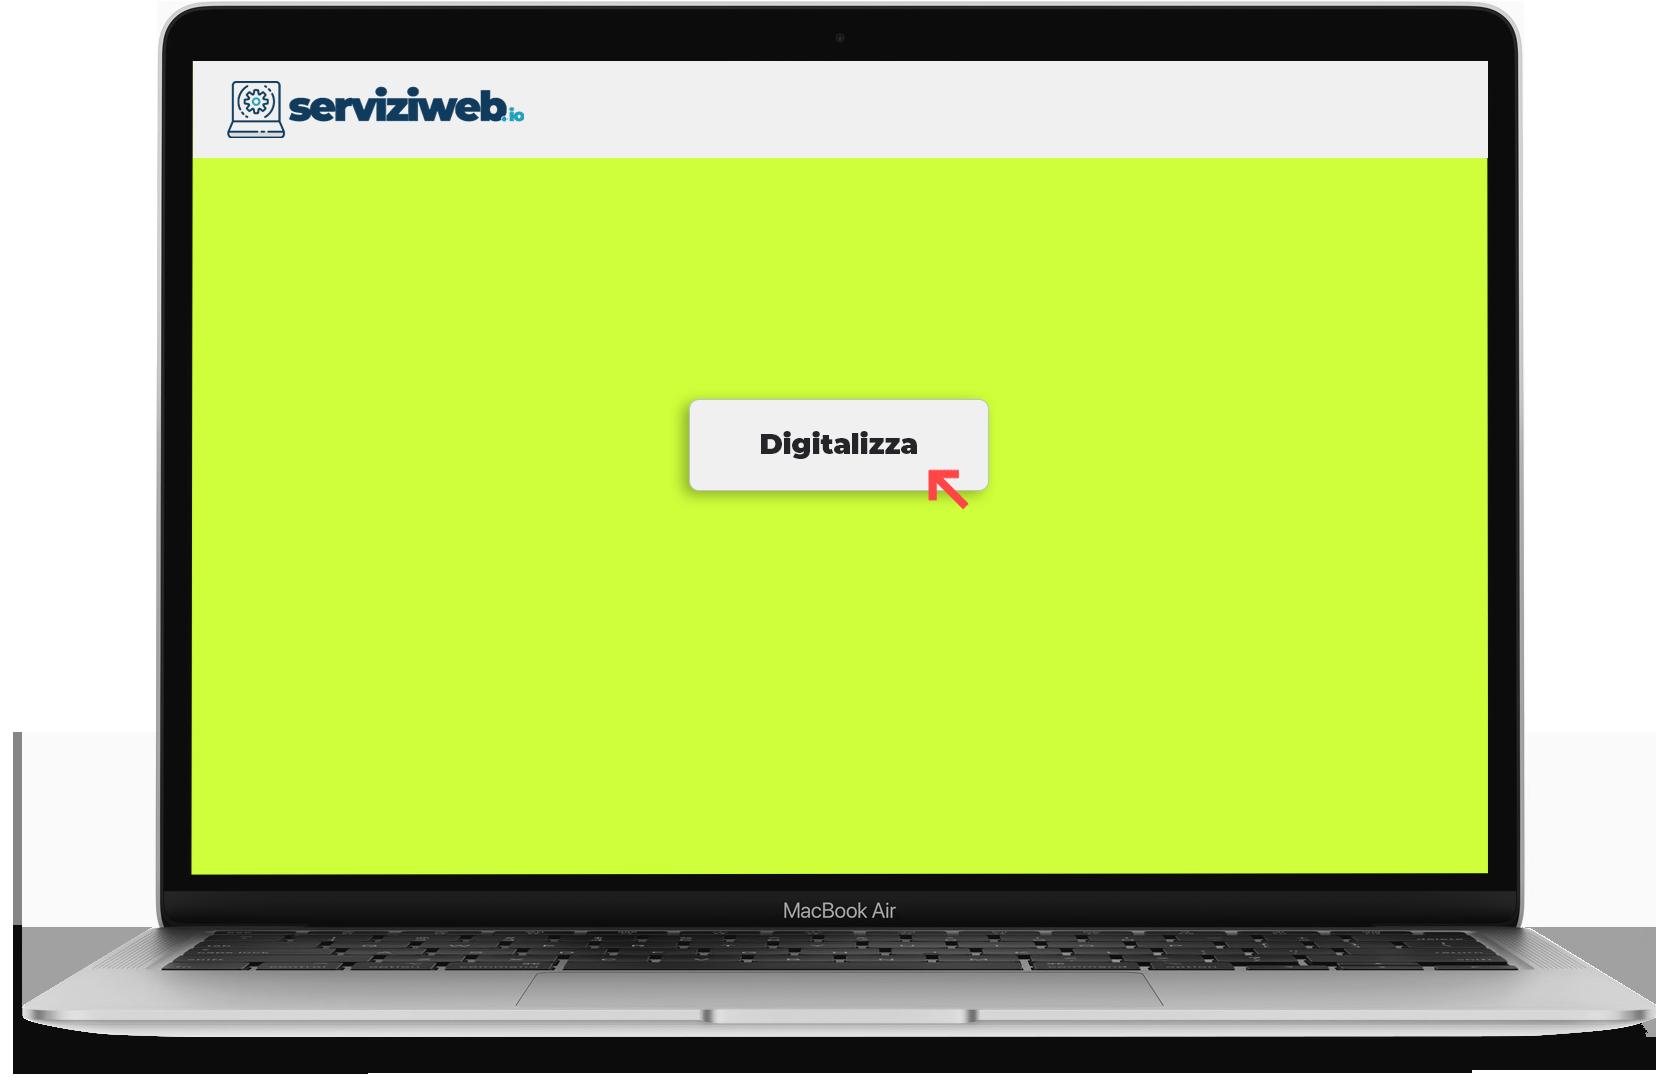 pc-digitalizzazione - Serviziweb.io